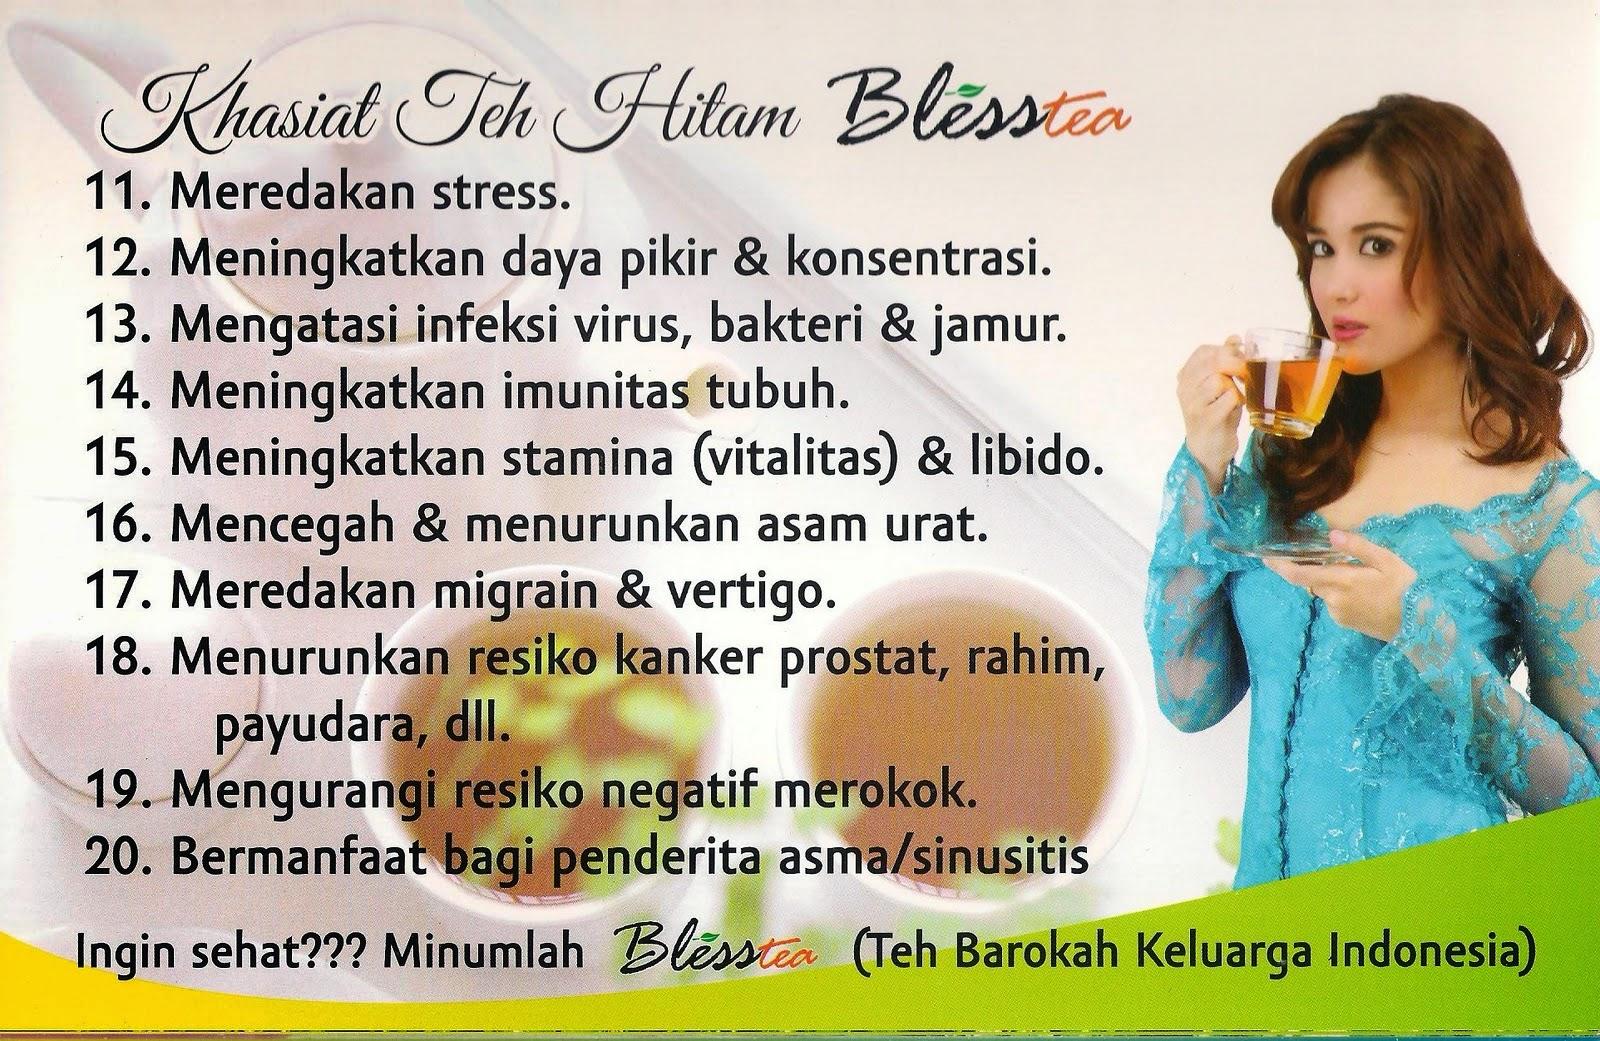 Solusi Sehat dengan Teh Hitam BlessTea